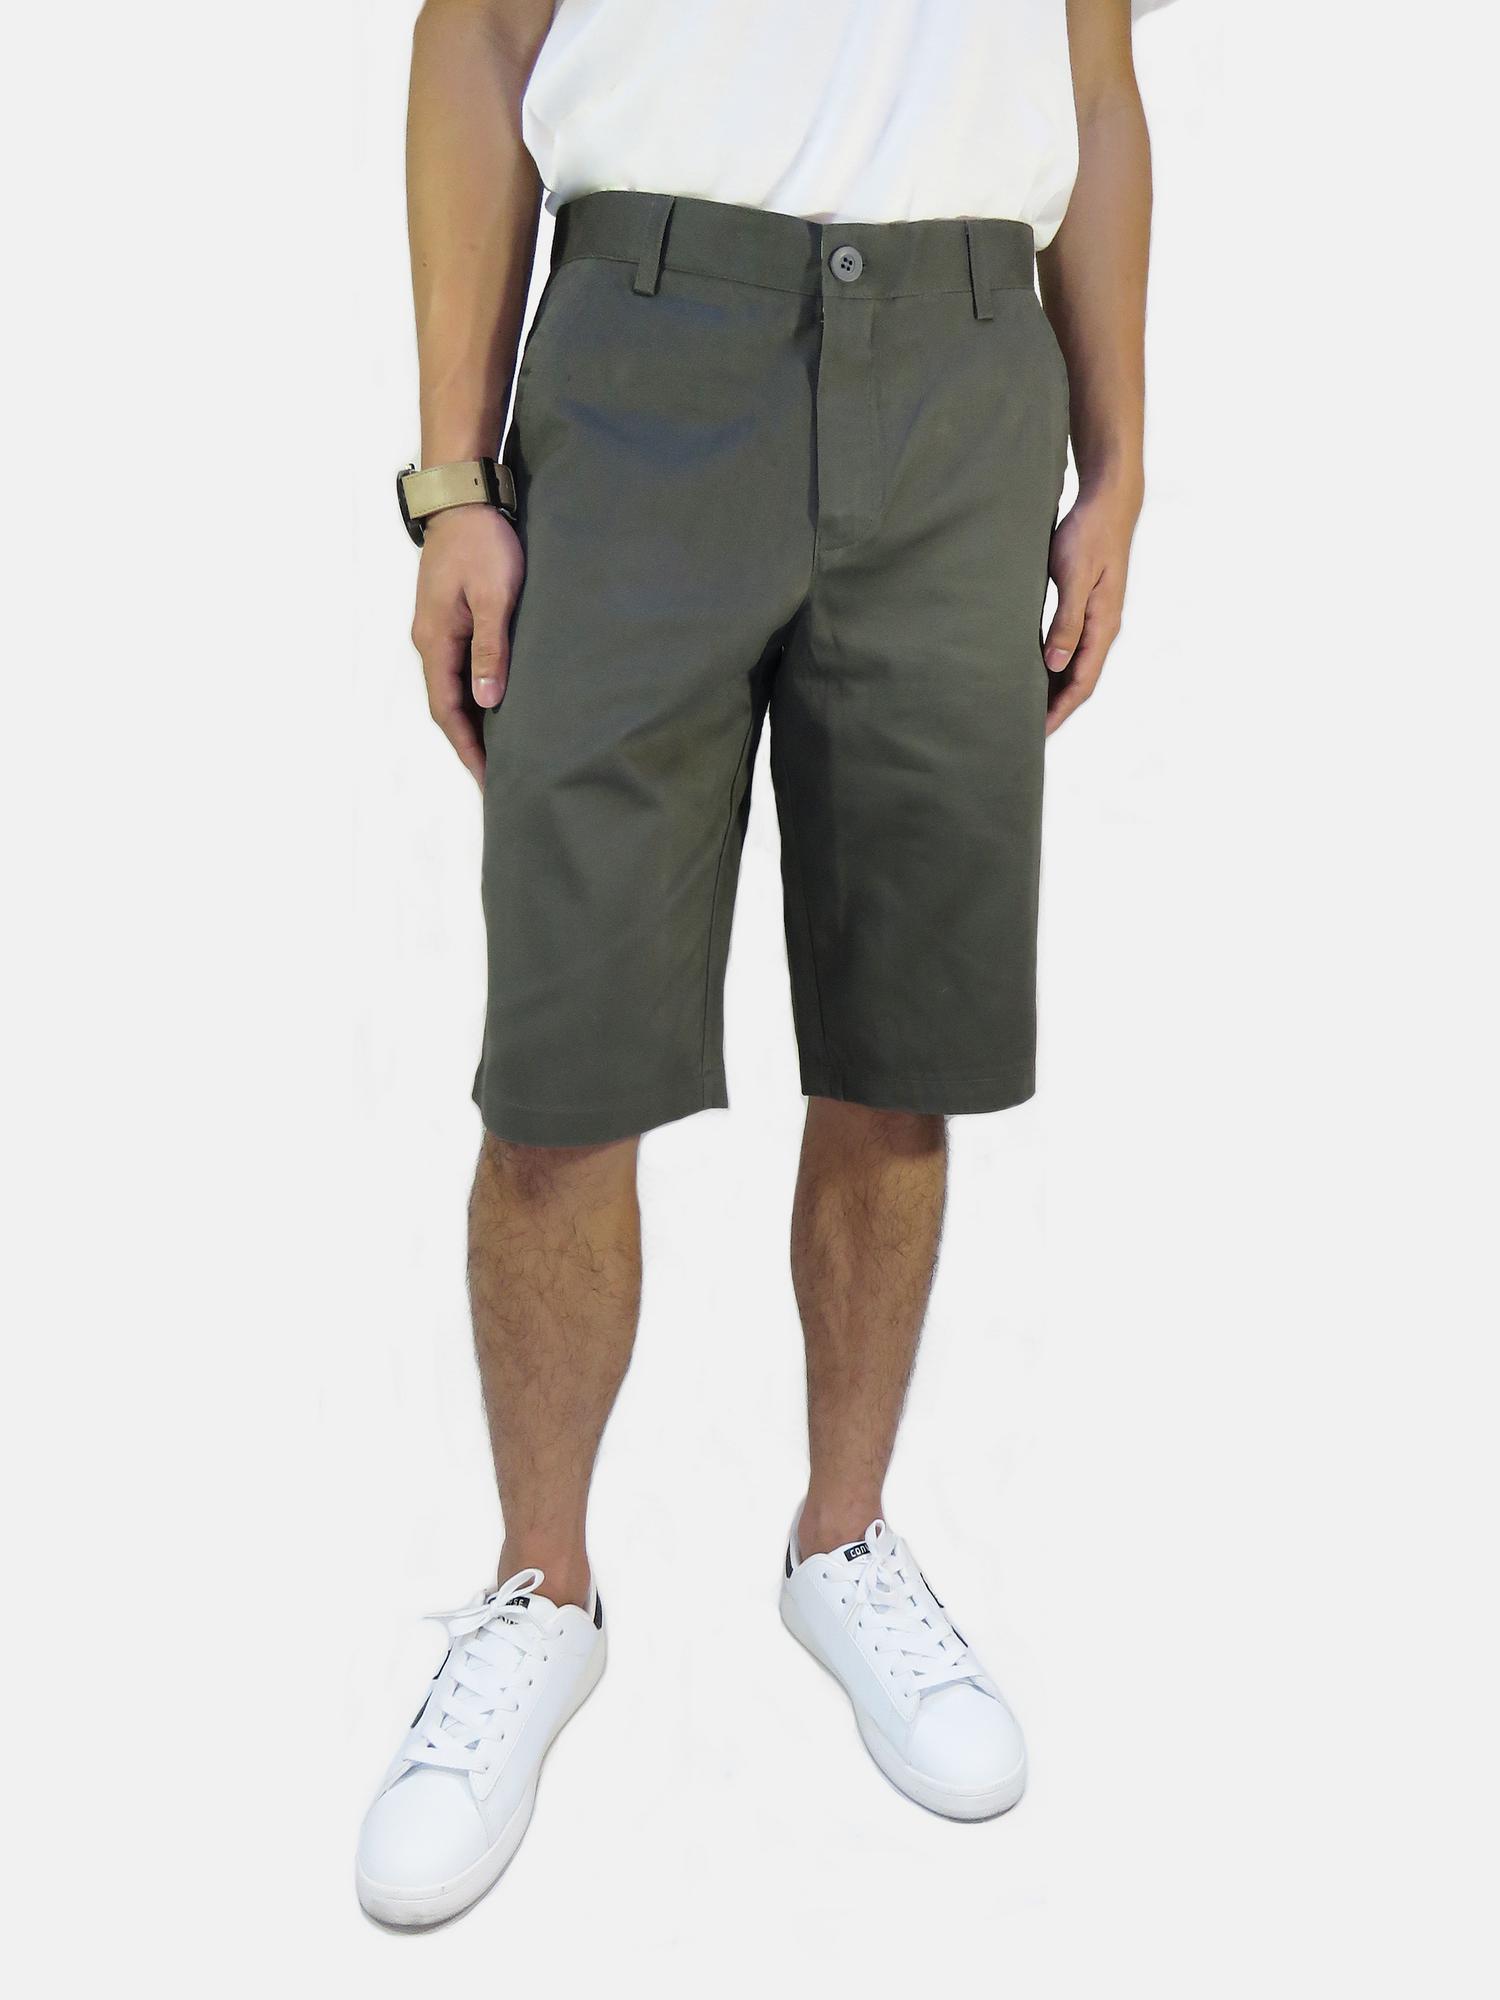 กางเกงขาสั้นชาย ระดับเข่า สีเทาเข้ม